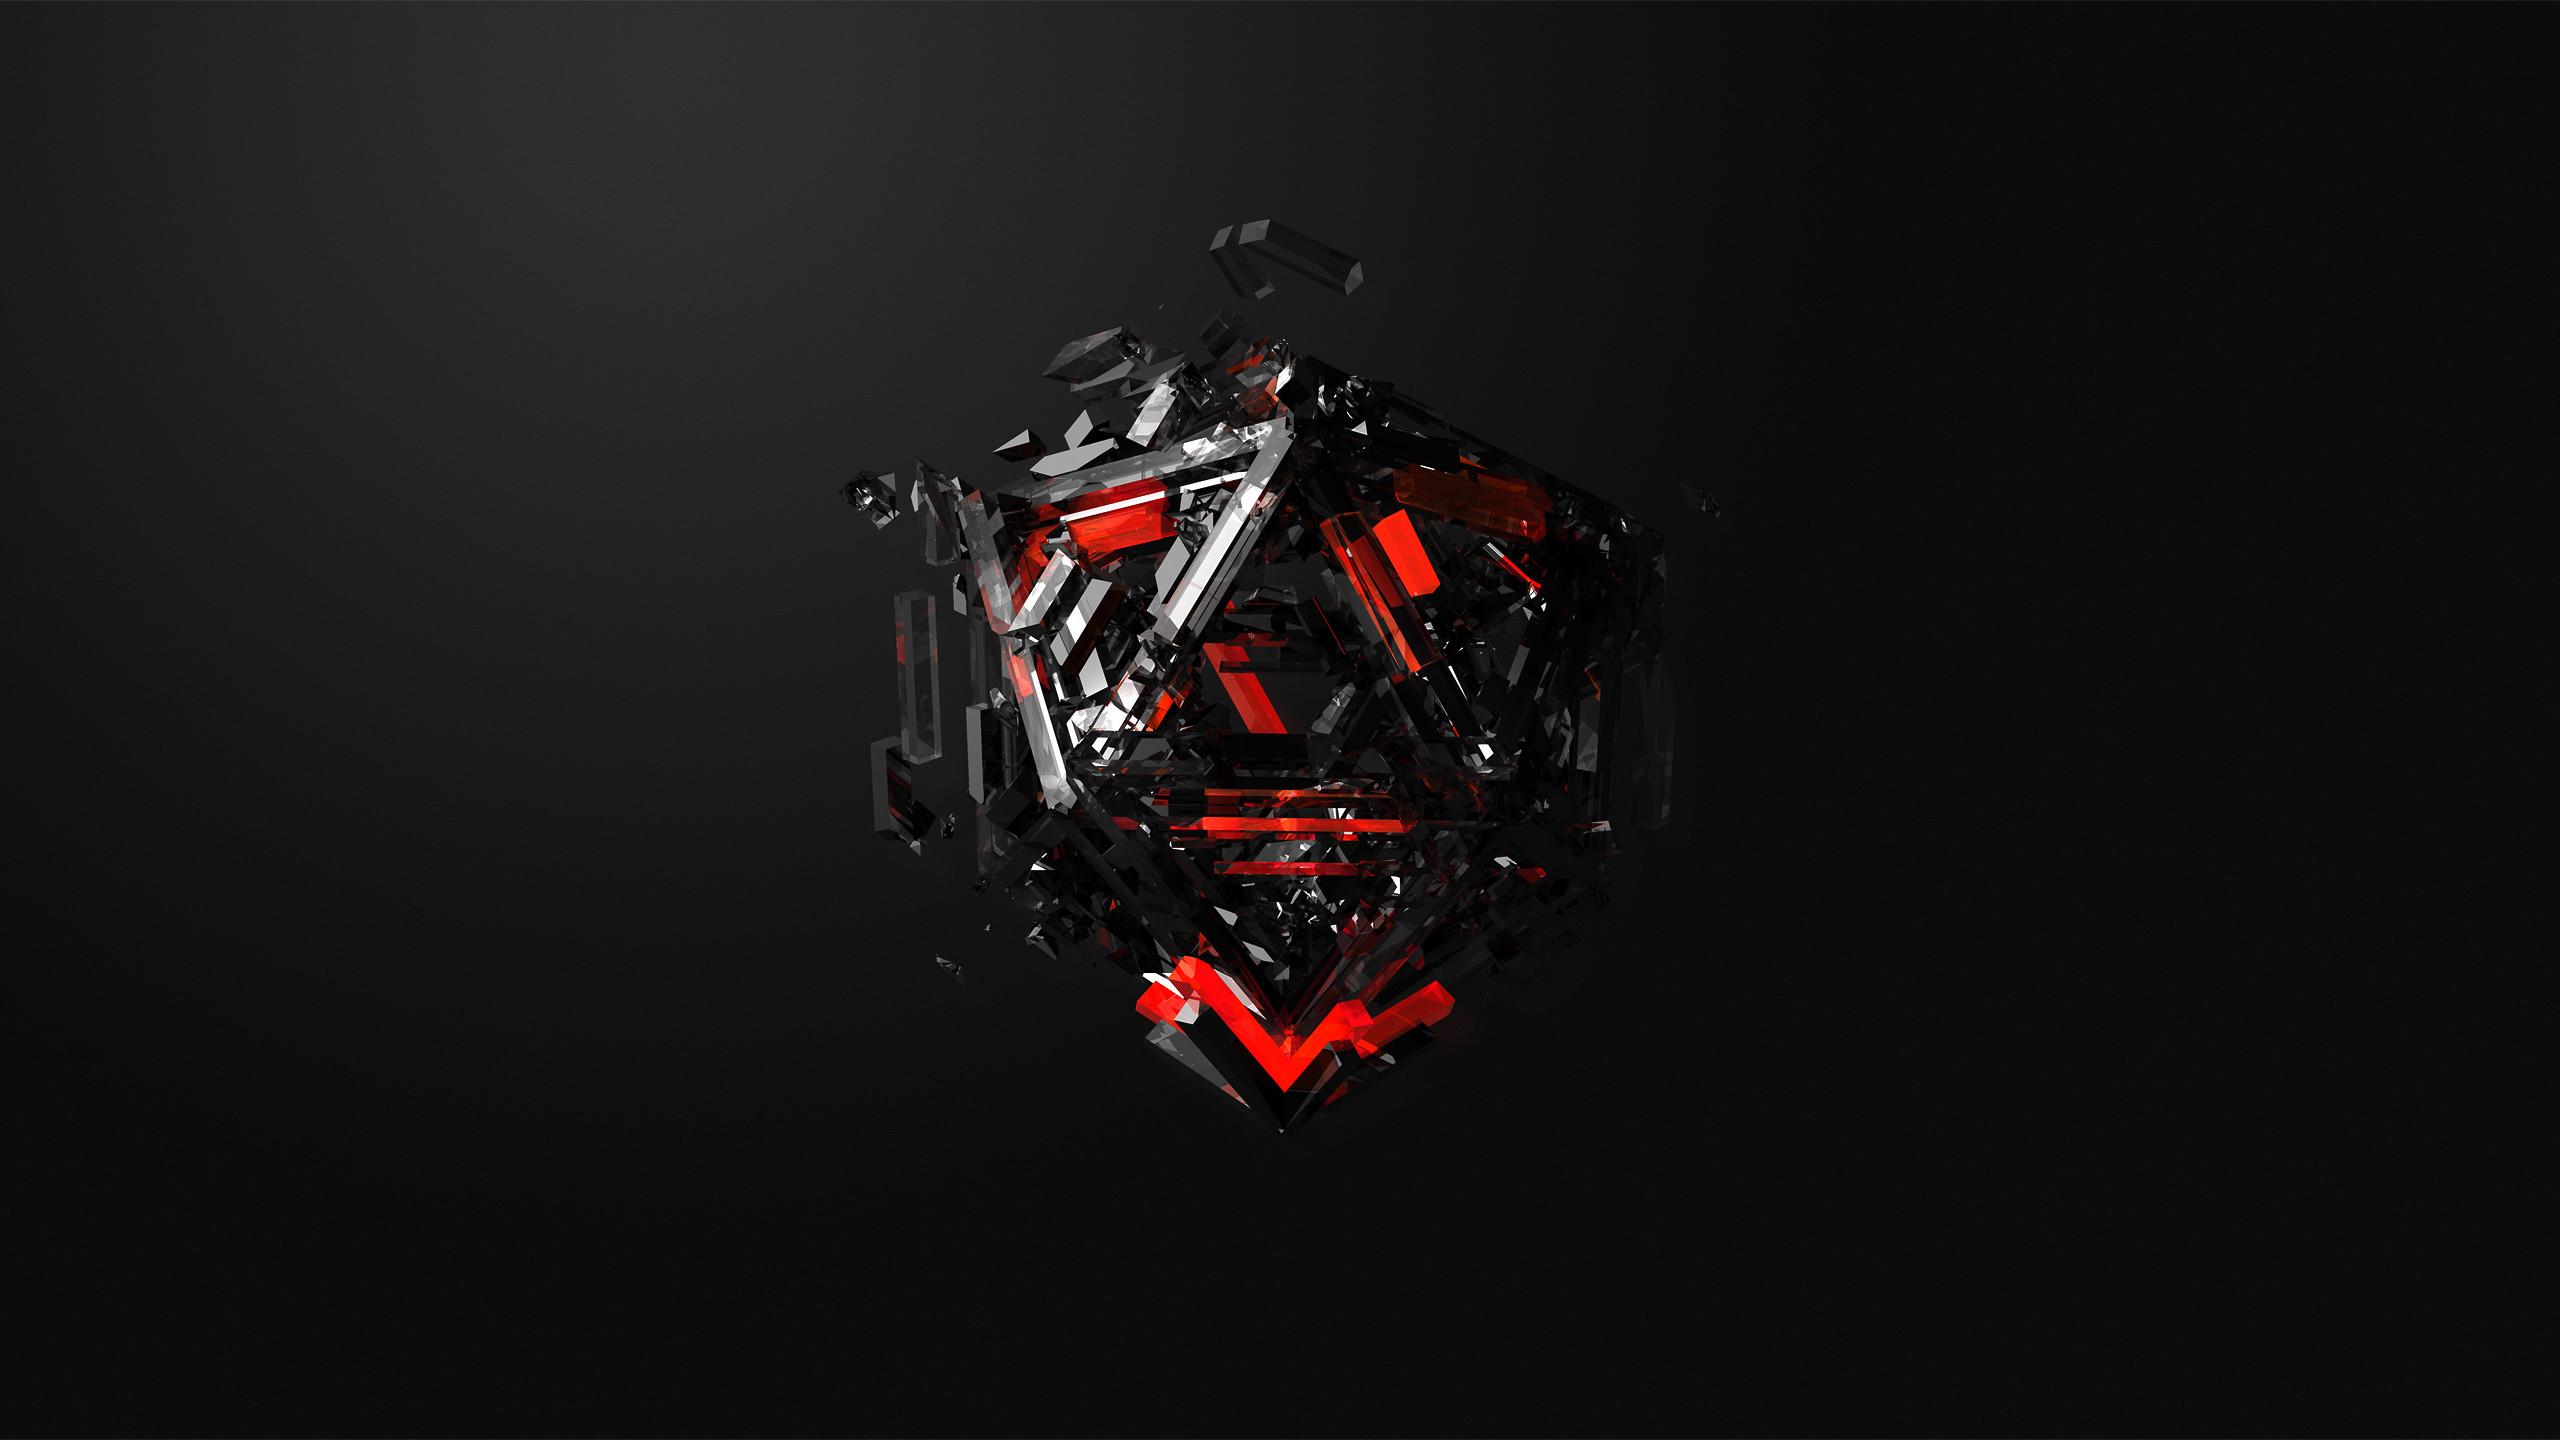 ジャスティン マラー壁紙赤 黒のグラフィック壁紙 2560x1440 Wallpapertip